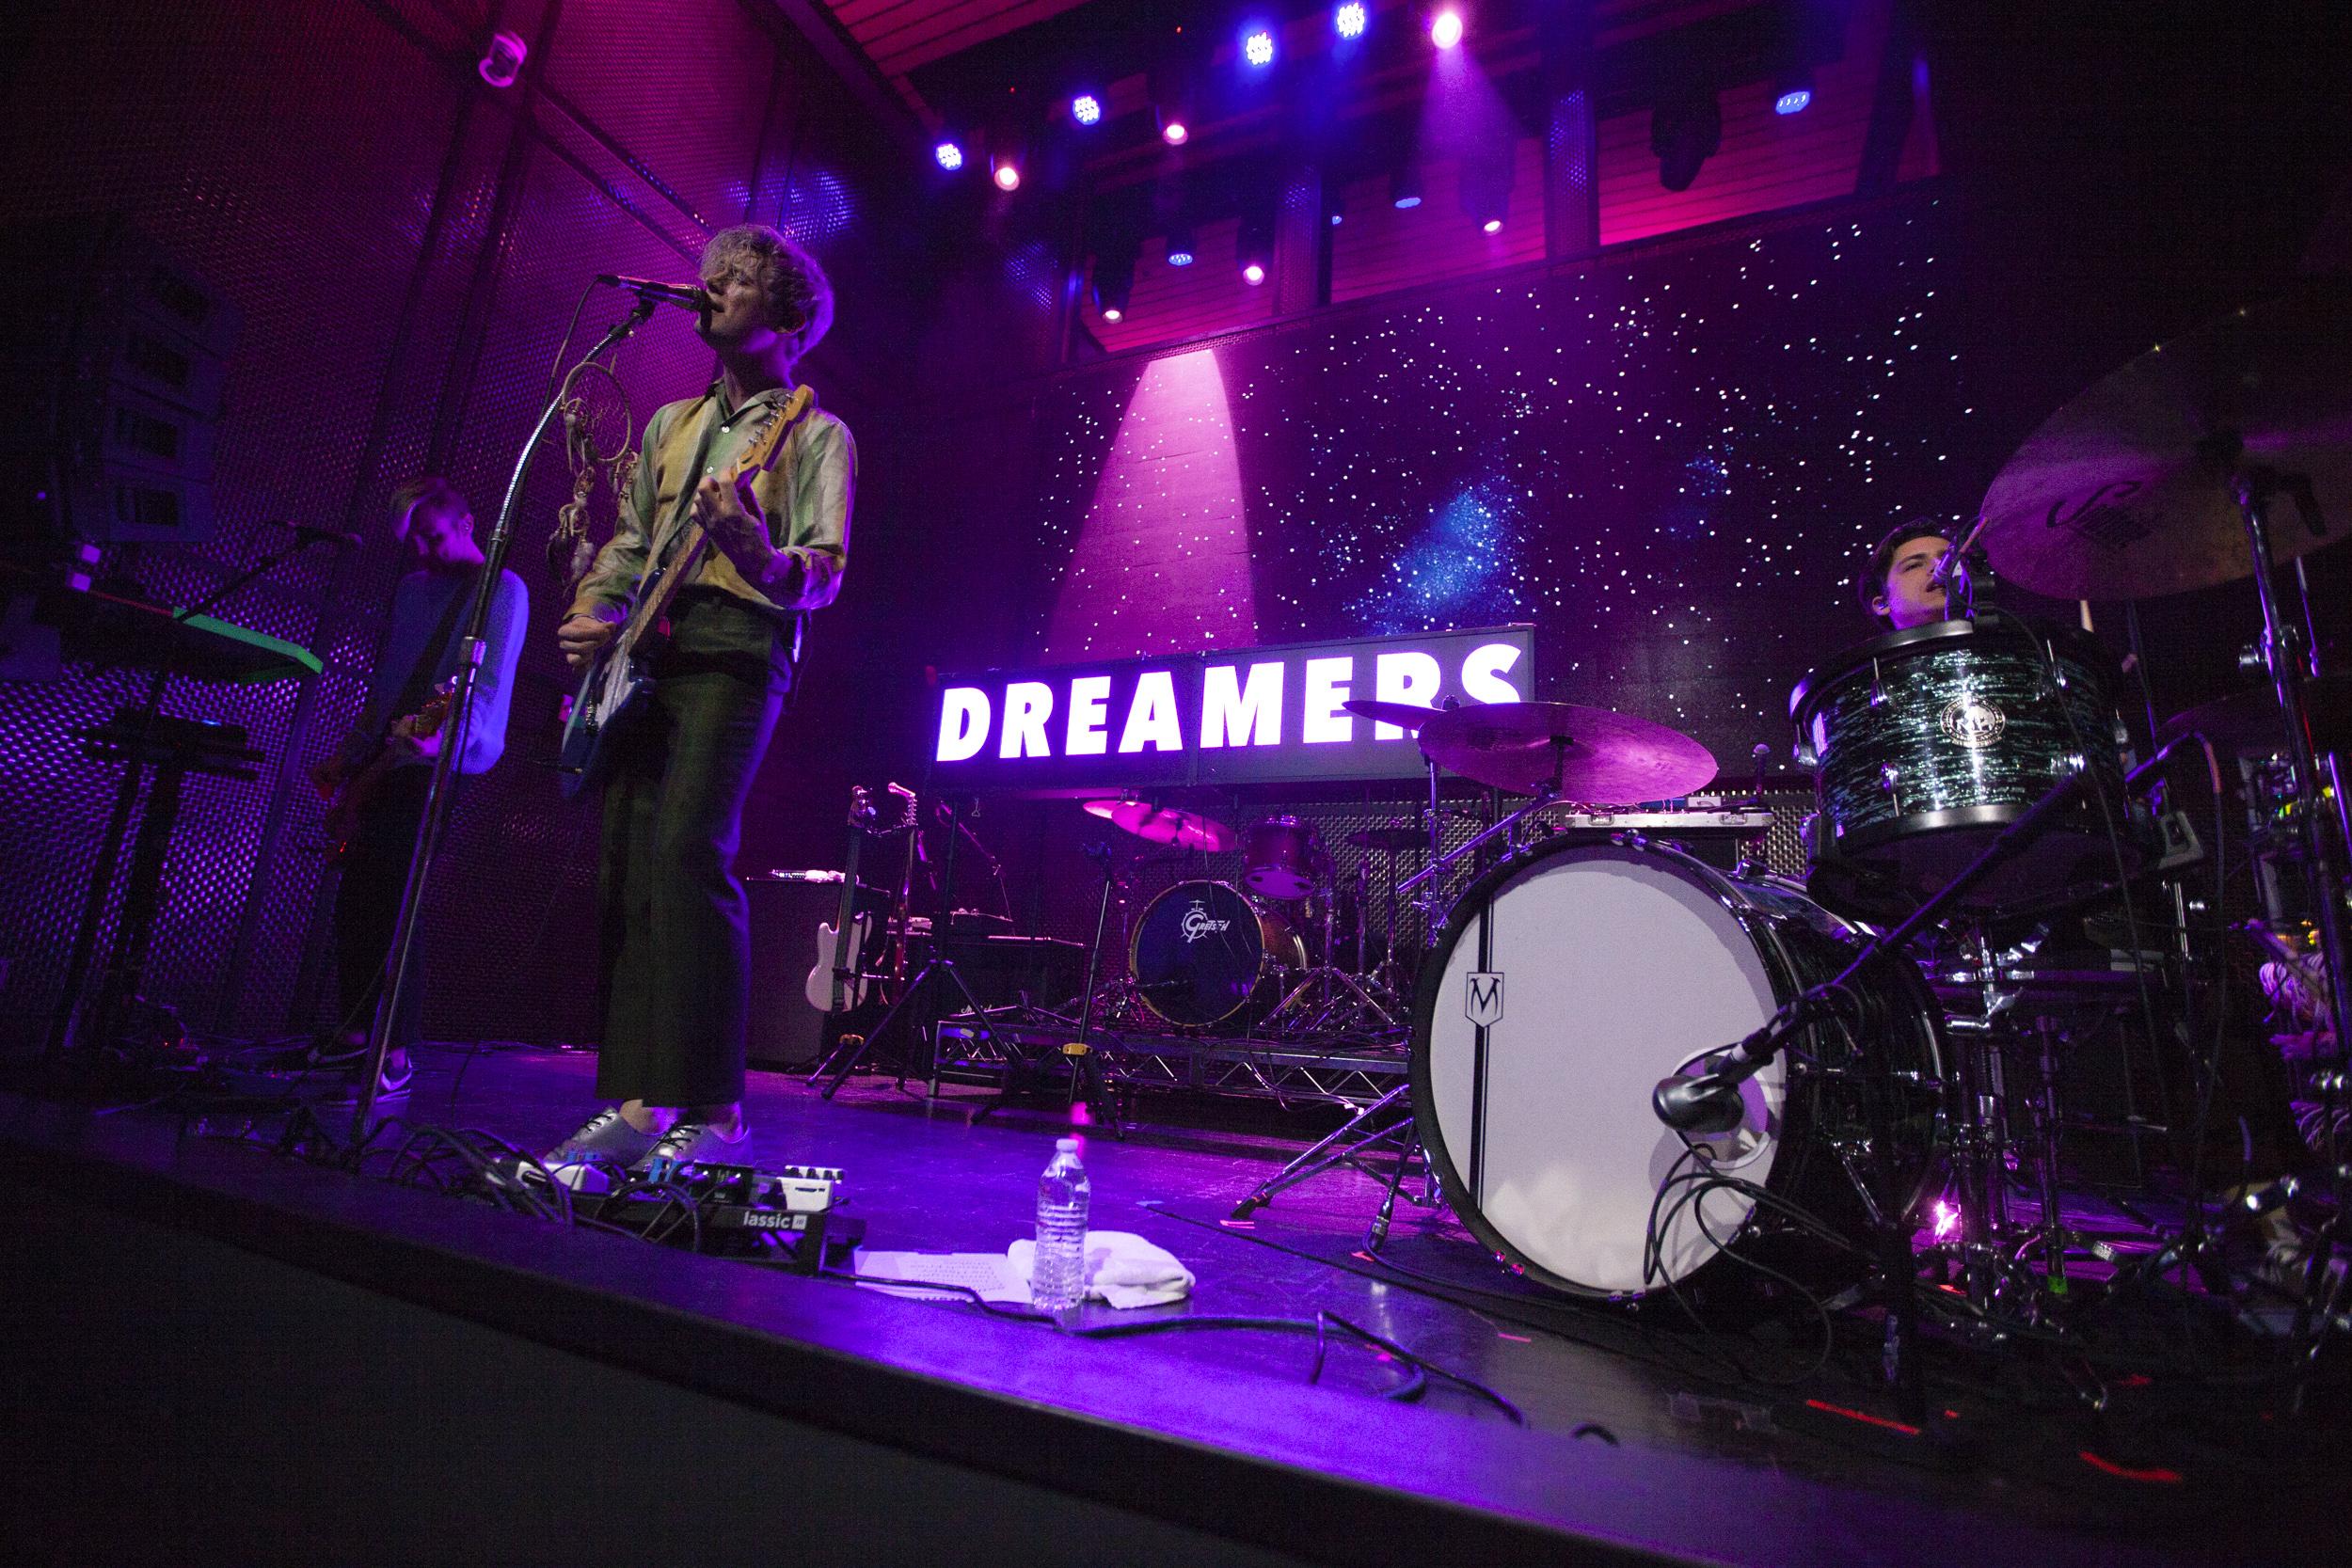 Dreamers_02.jpg